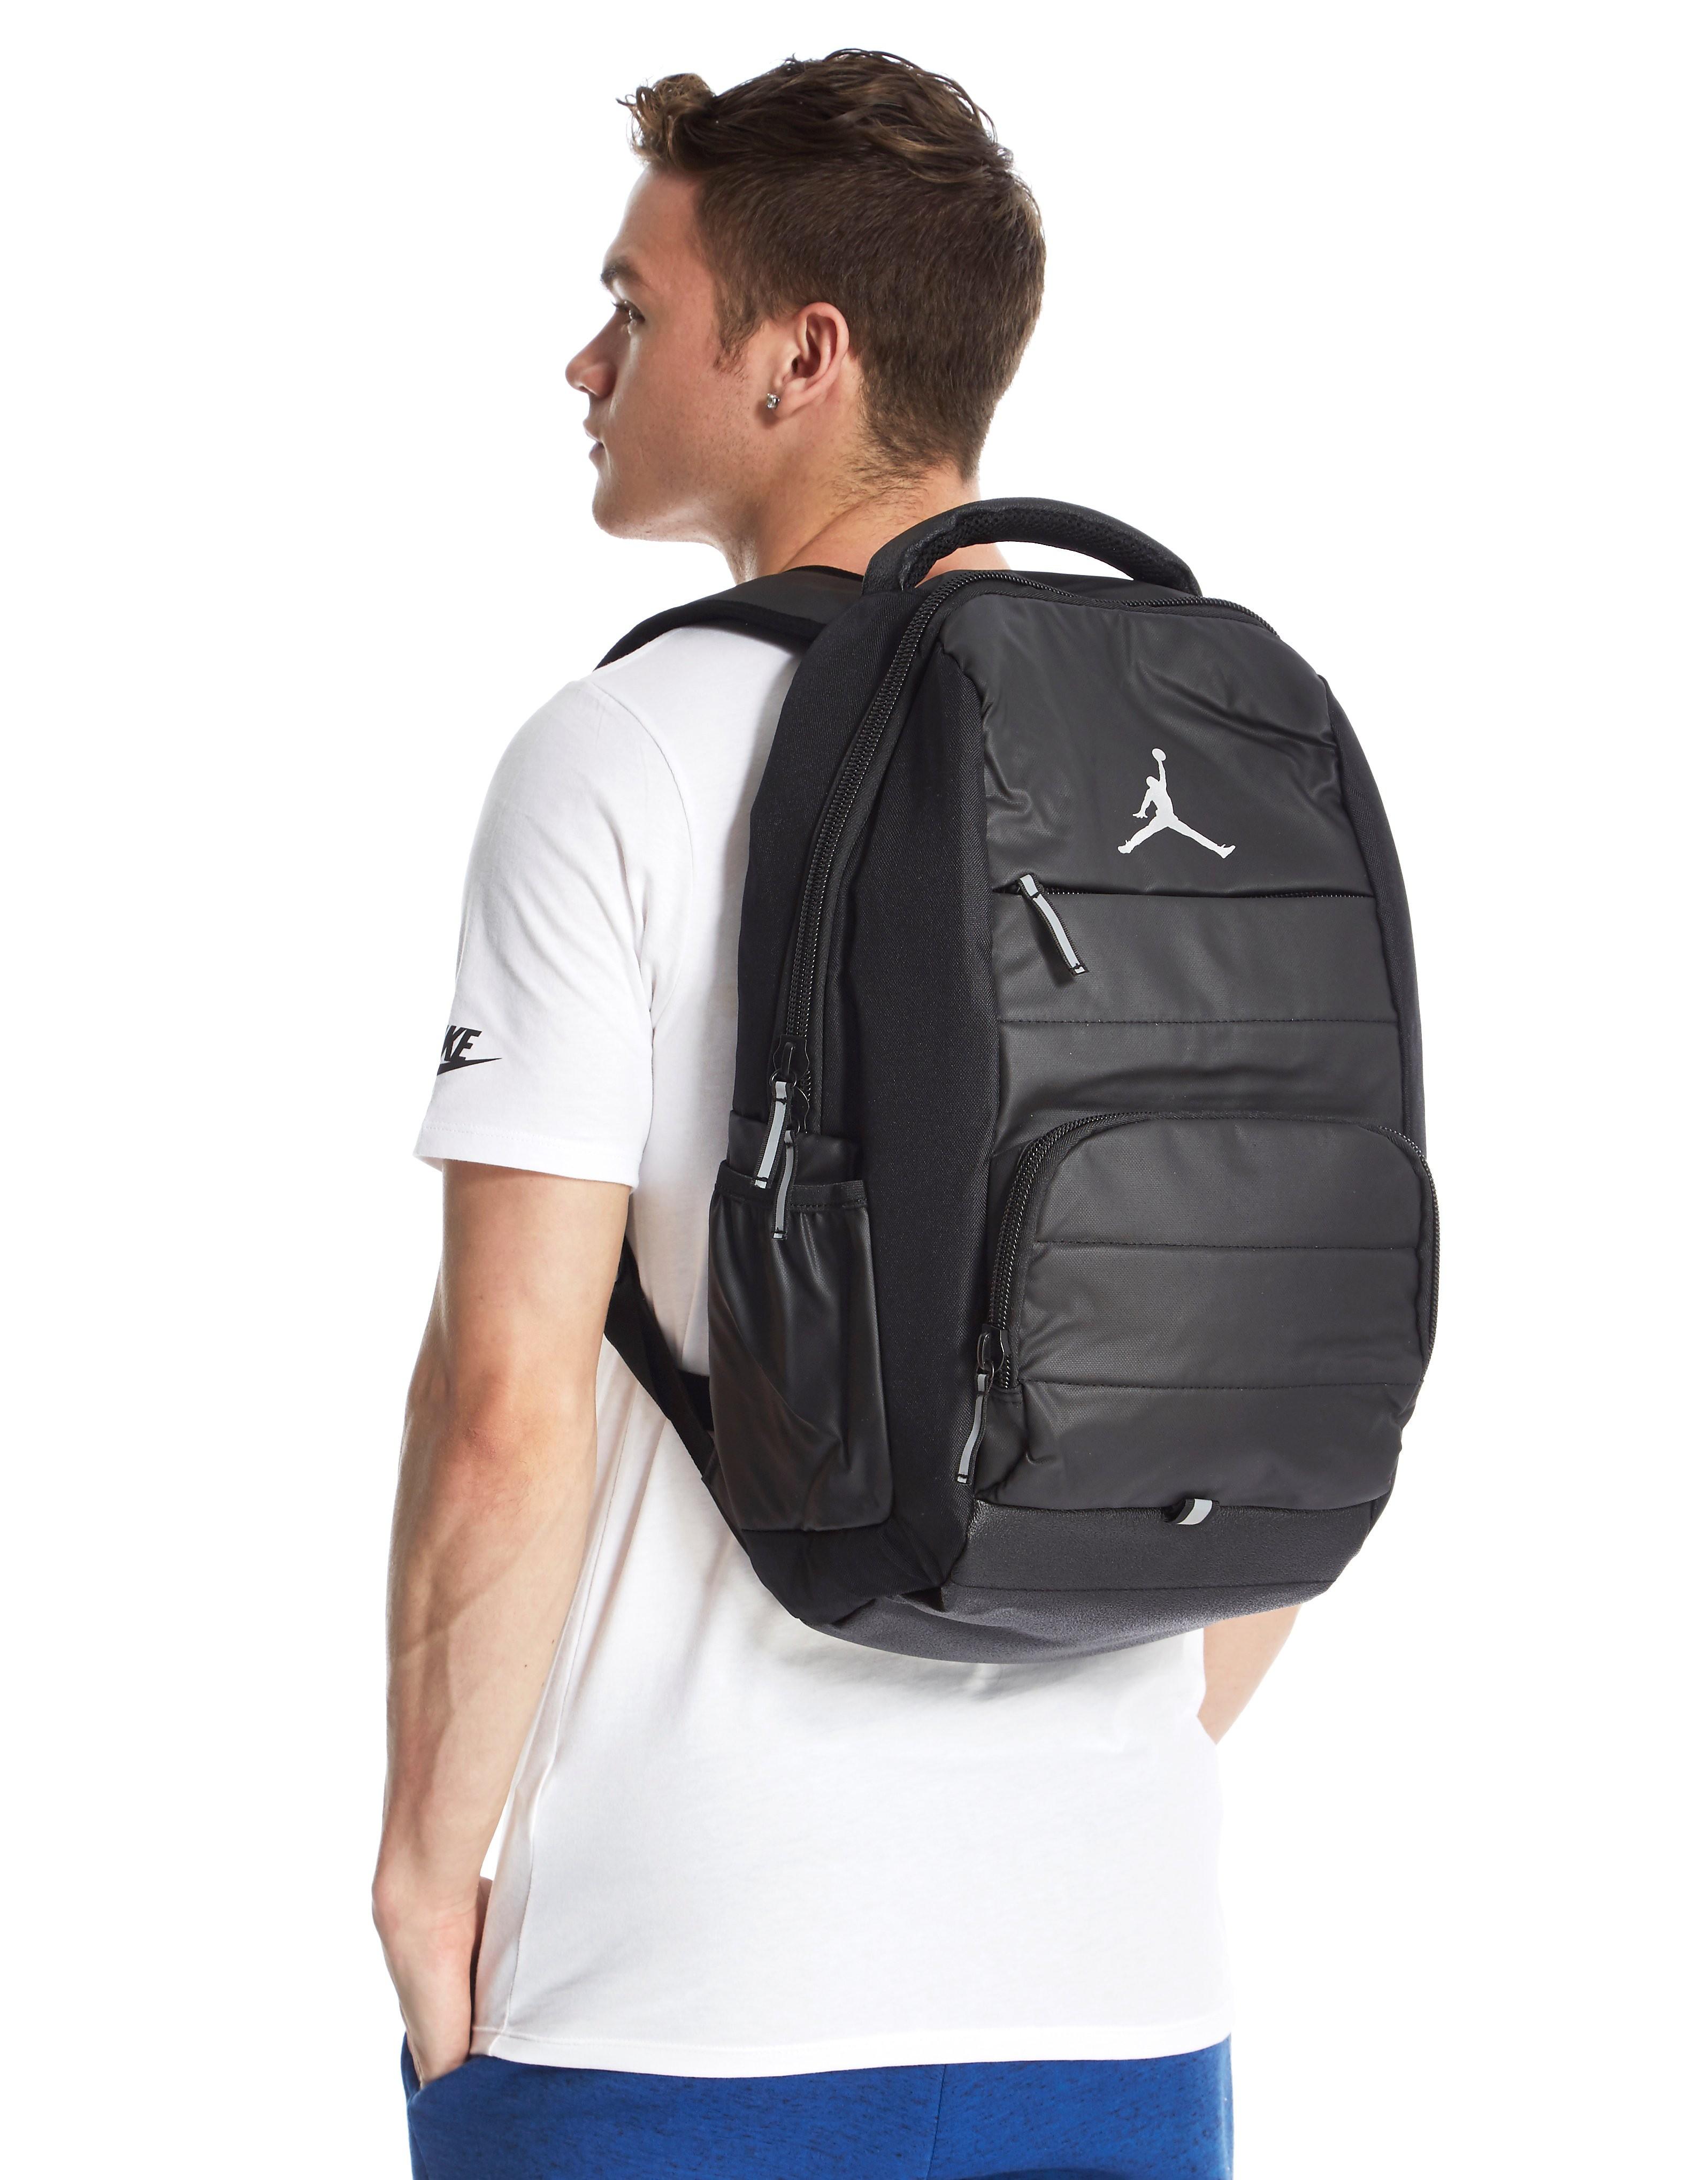 Jordan All World Backpack